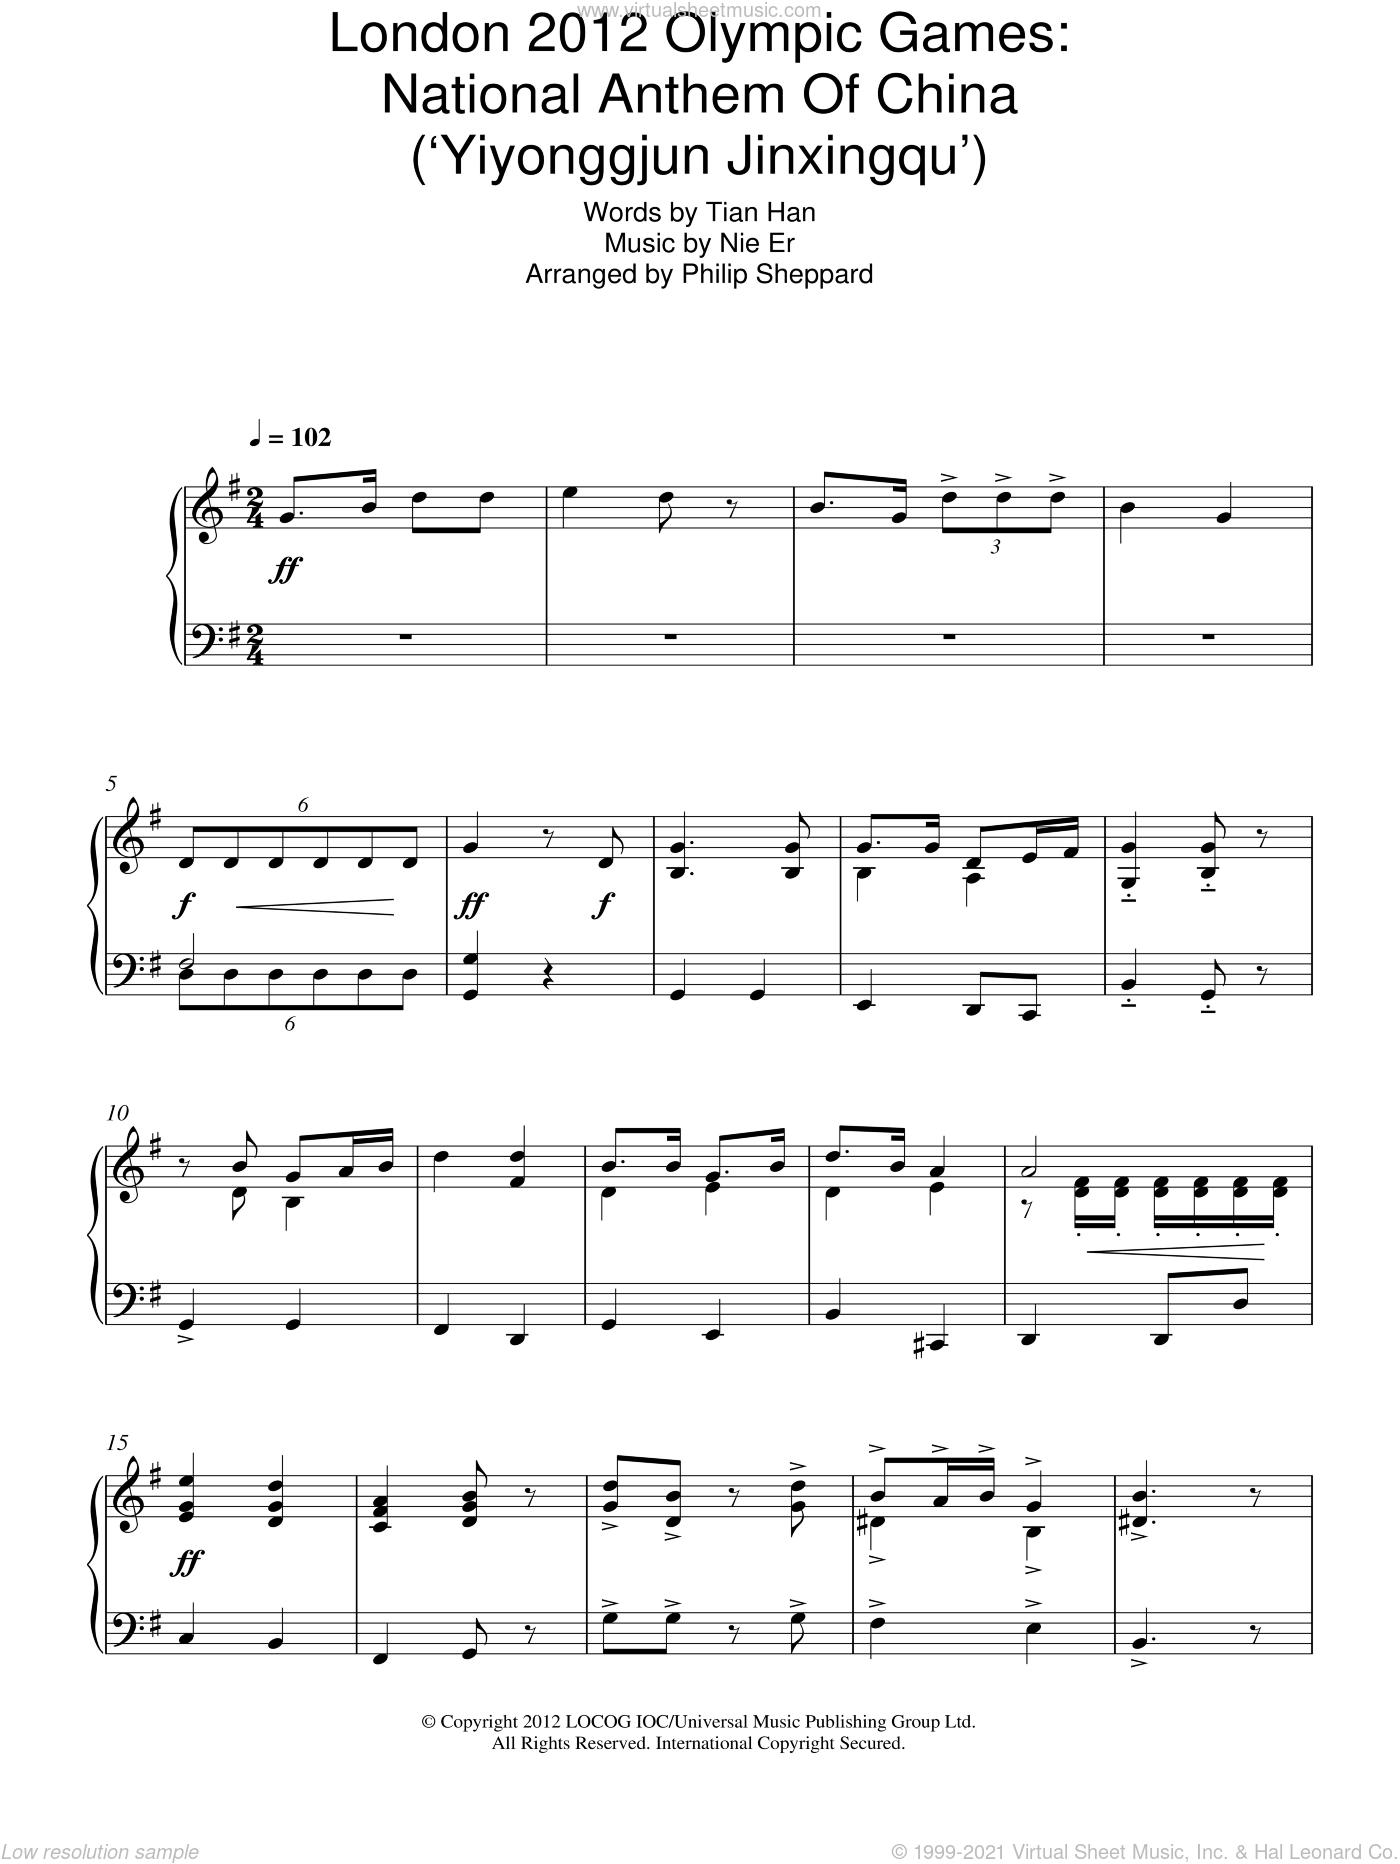 London 2012 Olympic Games: National Anthem Of China ('Yiyonggjun Jinxingqu') sheet music for piano solo by Philip Sheppard, Nie Er and Tian Han, classical score, intermediate skill level